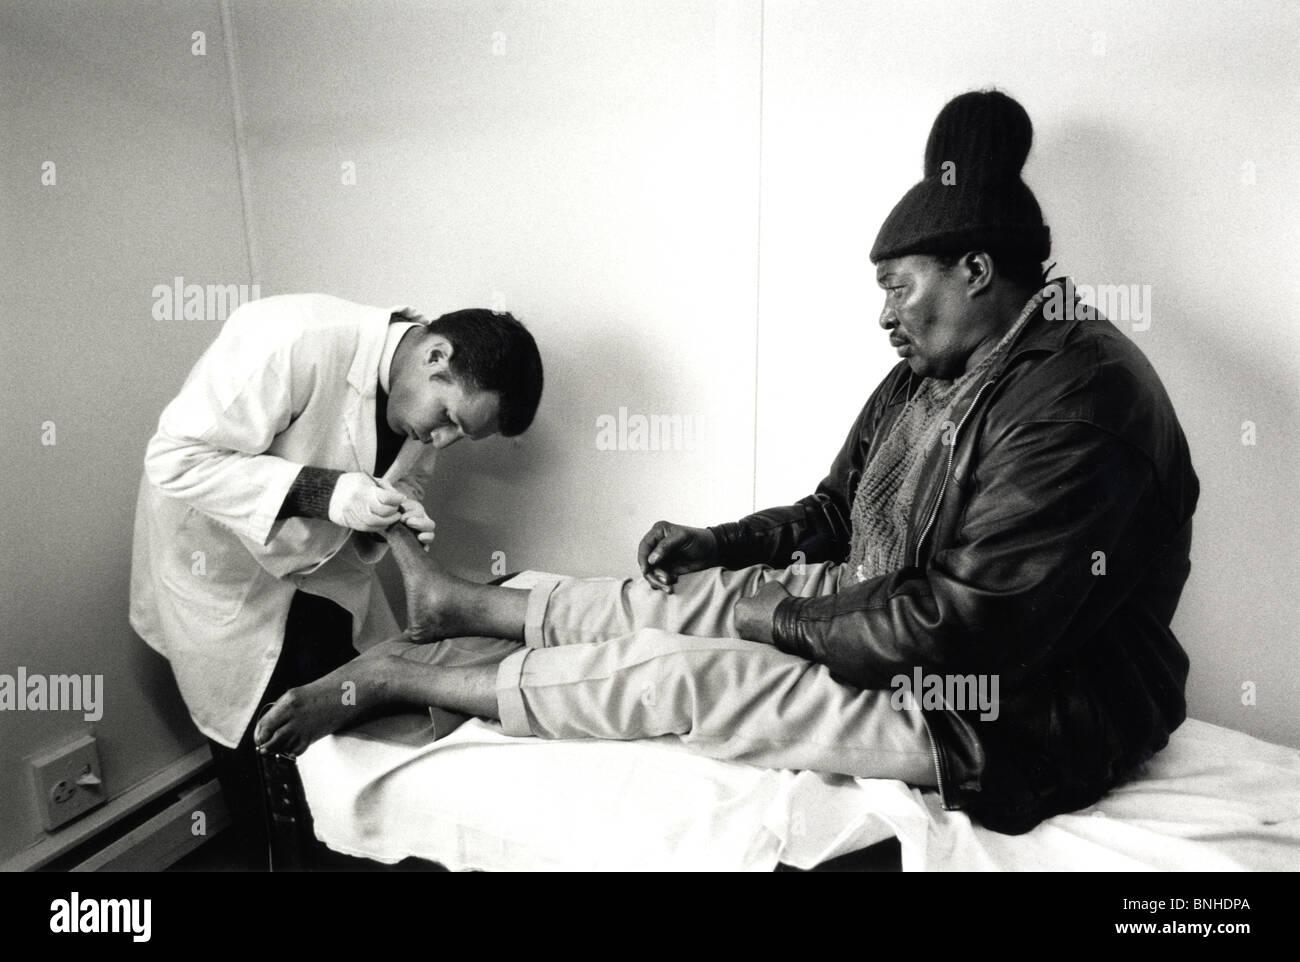 Blanco macho joven doctor examina los pies de un anciano negro en un paciente de sexo masculino de podiatría Imagen De Stock